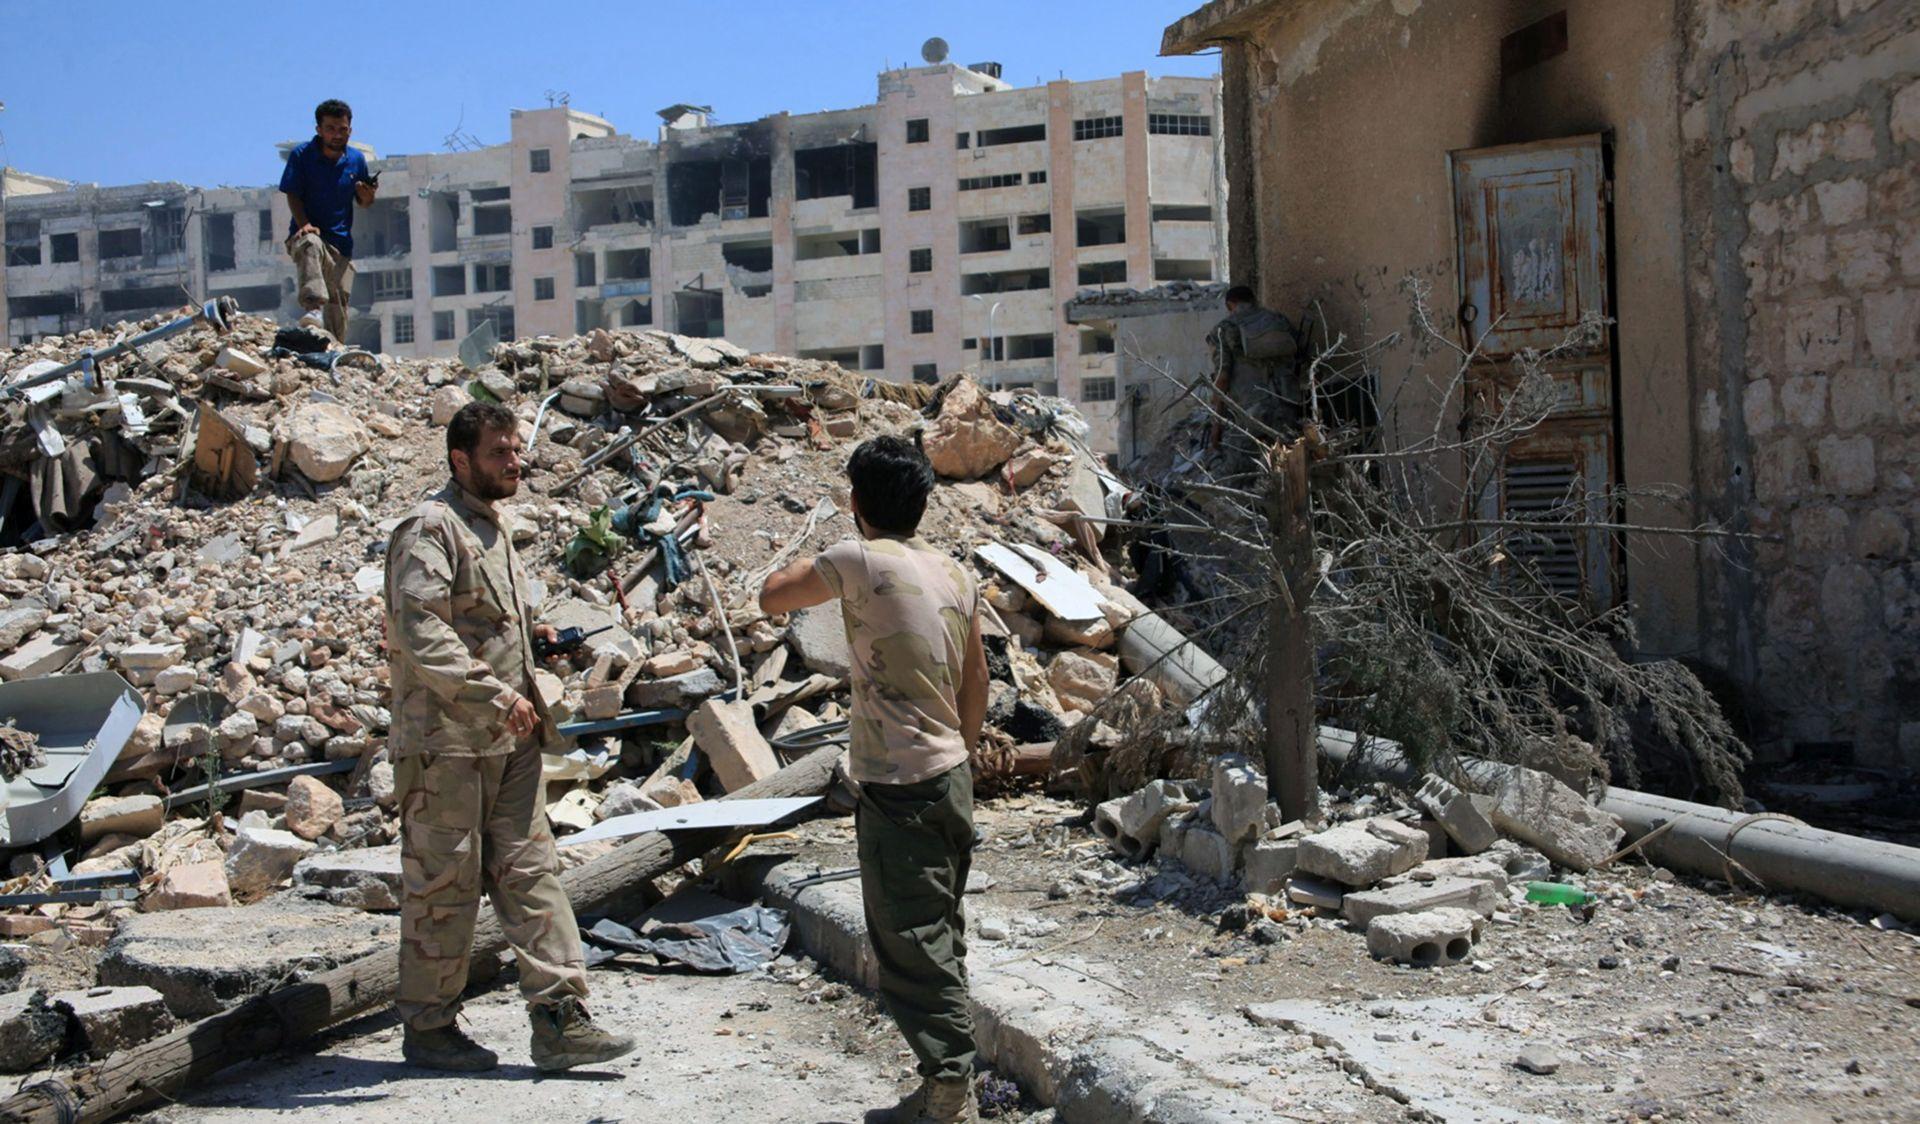 Brojni civili humanitarnim koridorima napuštaju pobunjenički dio Alepa